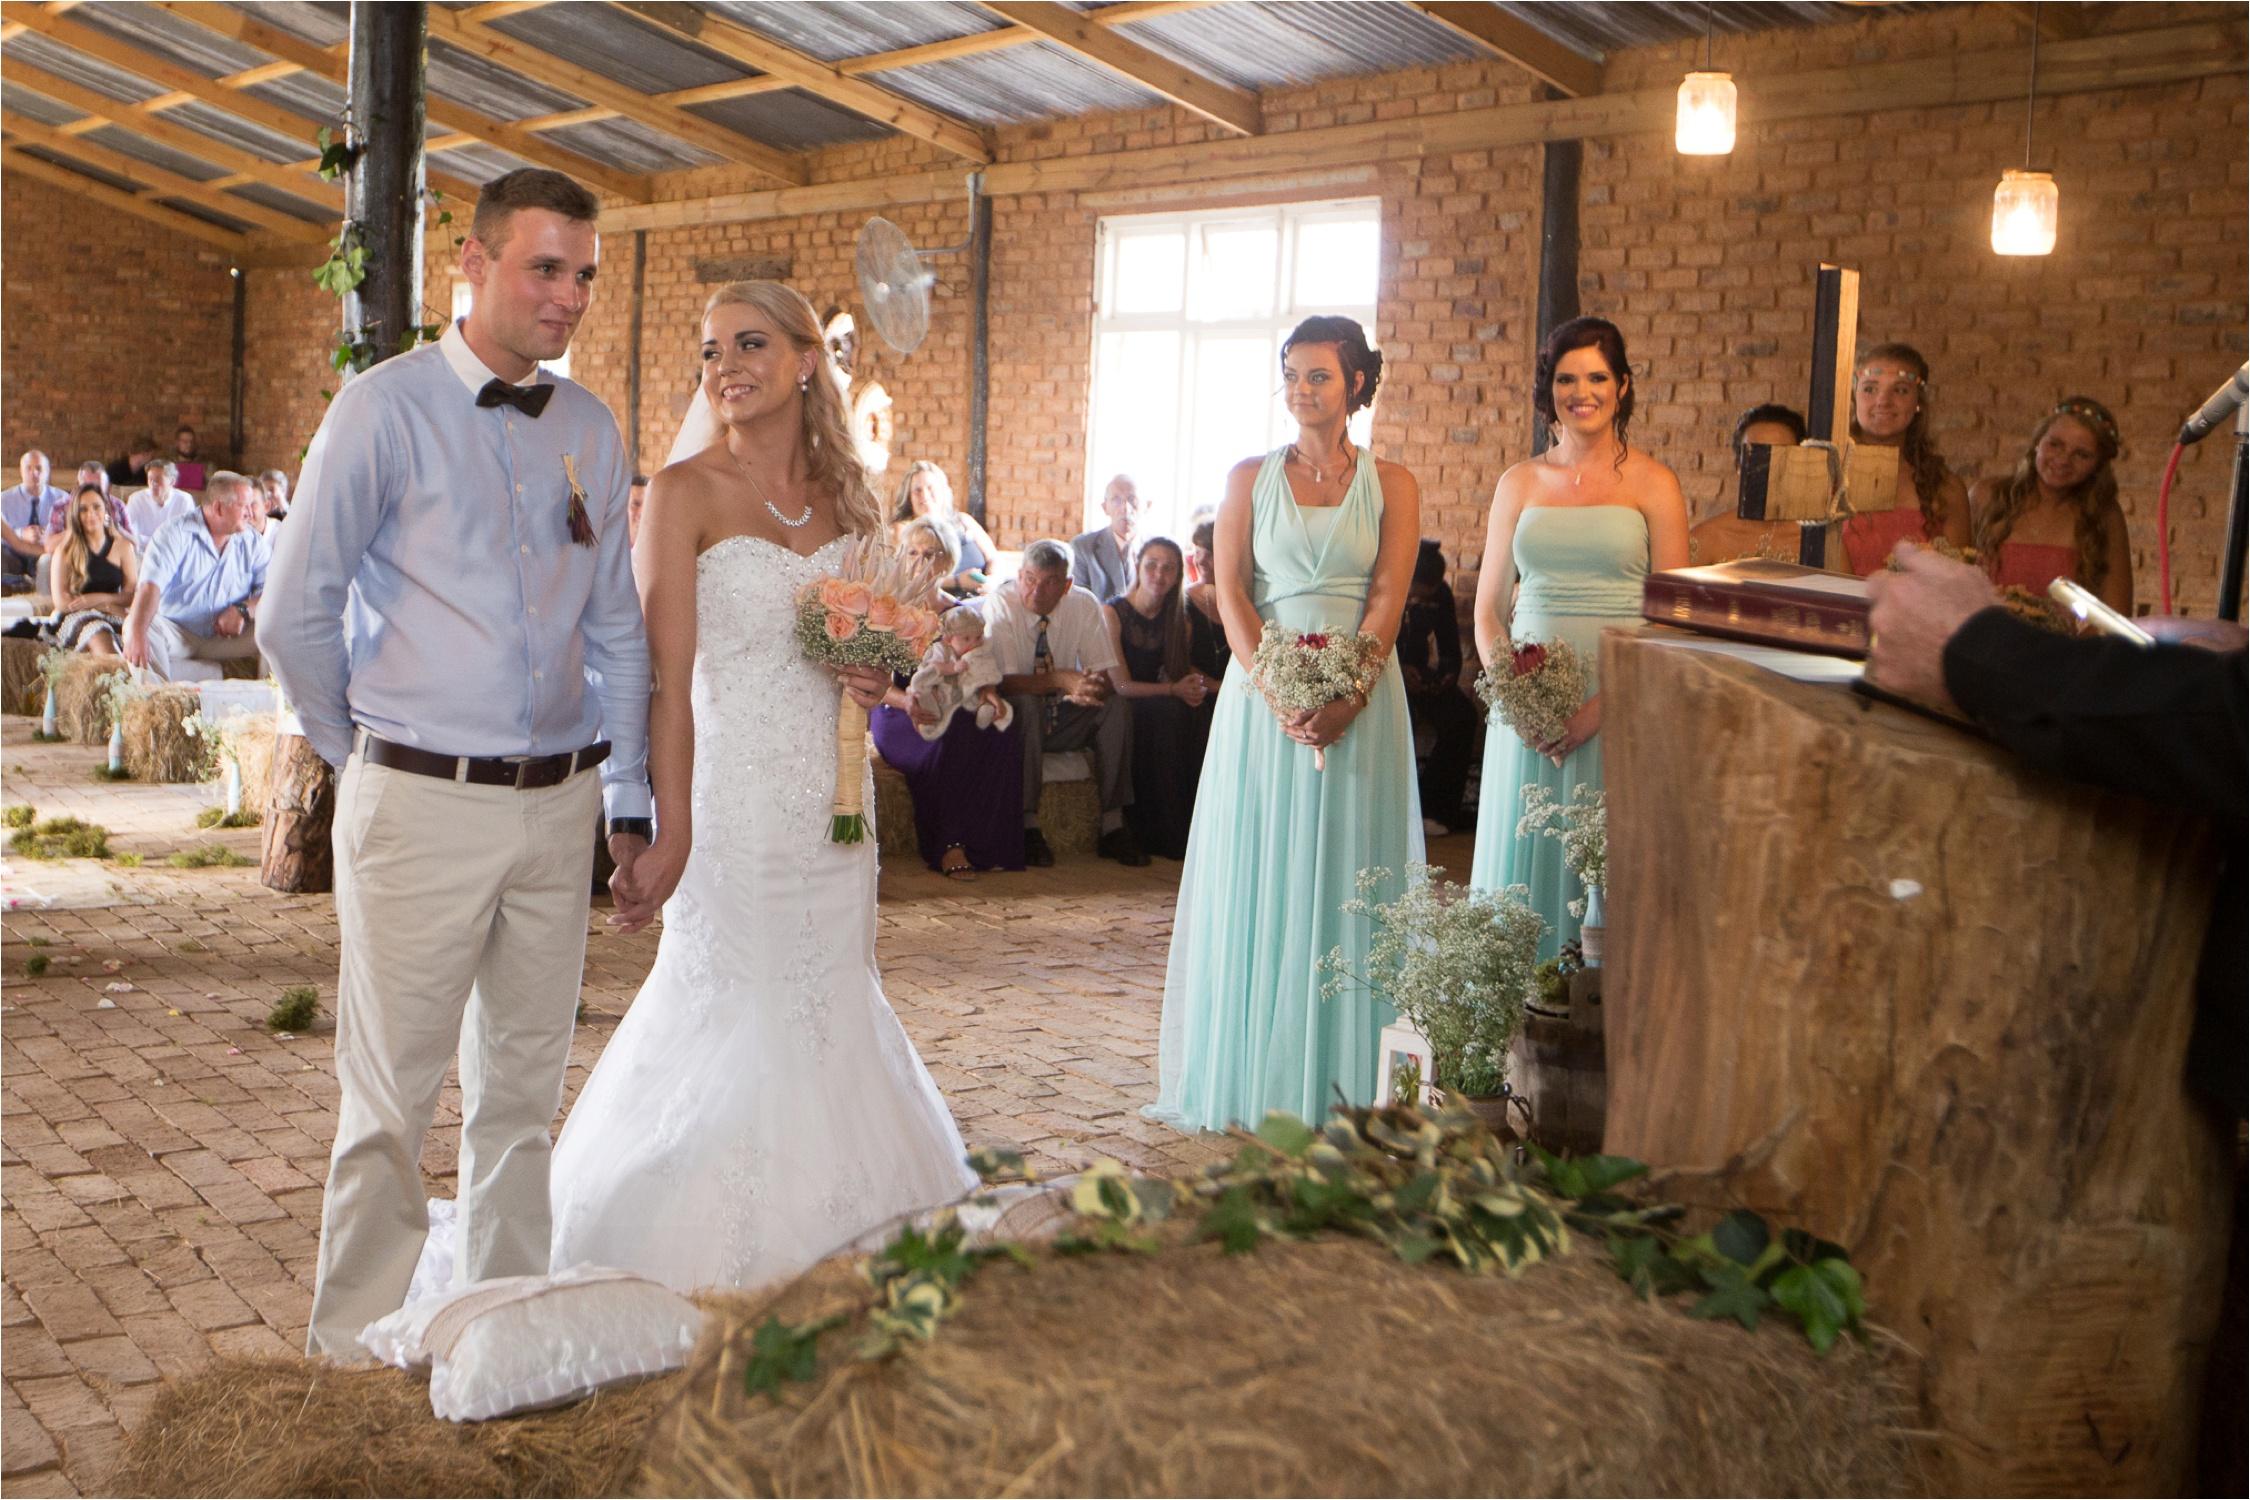 Die_Waenhuiskraal_wedding_Alicia_Dwayne_45